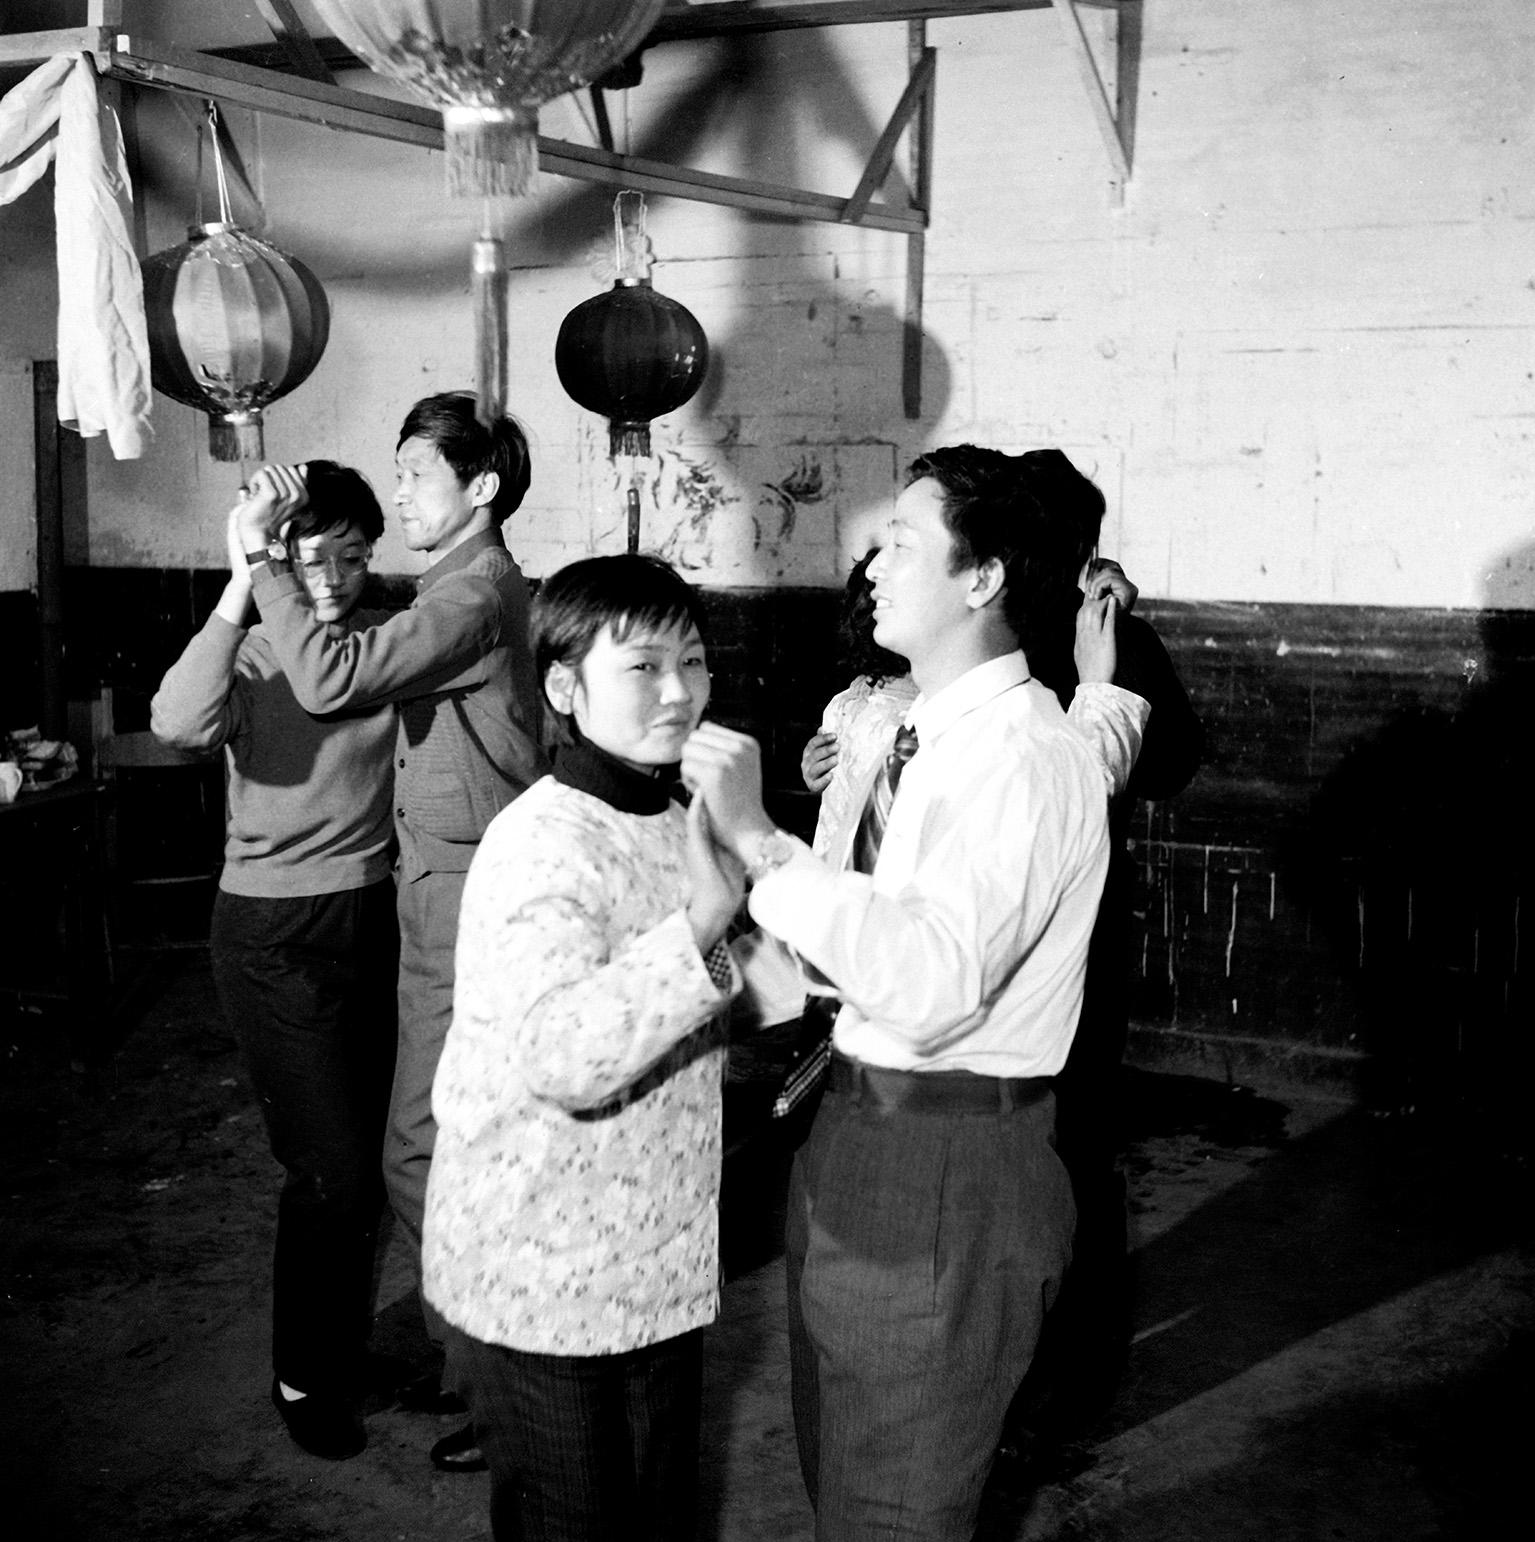 1980年2月,济南机车工厂的青年工人学跳交谊舞。侯贺良摄影 .jpg